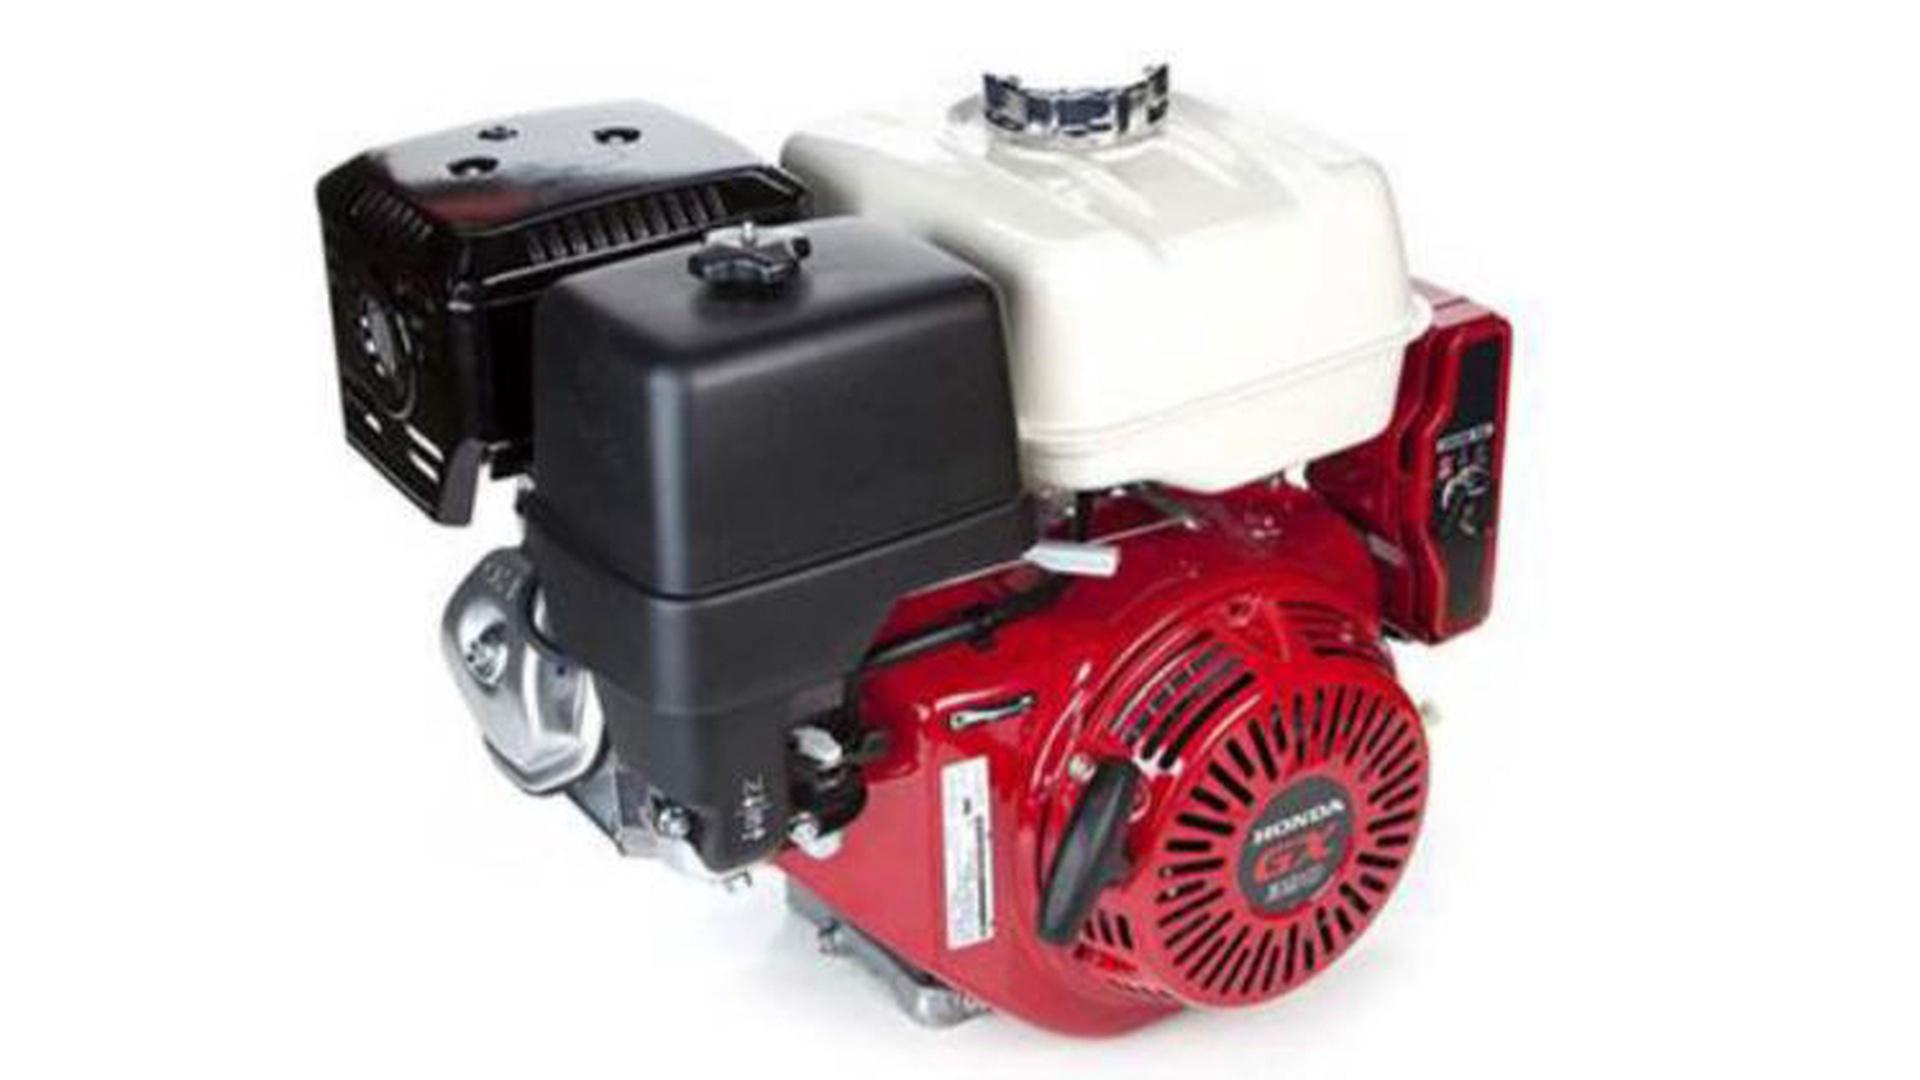 سمپاش 100 لیتری فرغونی با موتور هوندا چین و پیستونی 45 و شلنگ 50 متری و لانس ترک مدل 16686